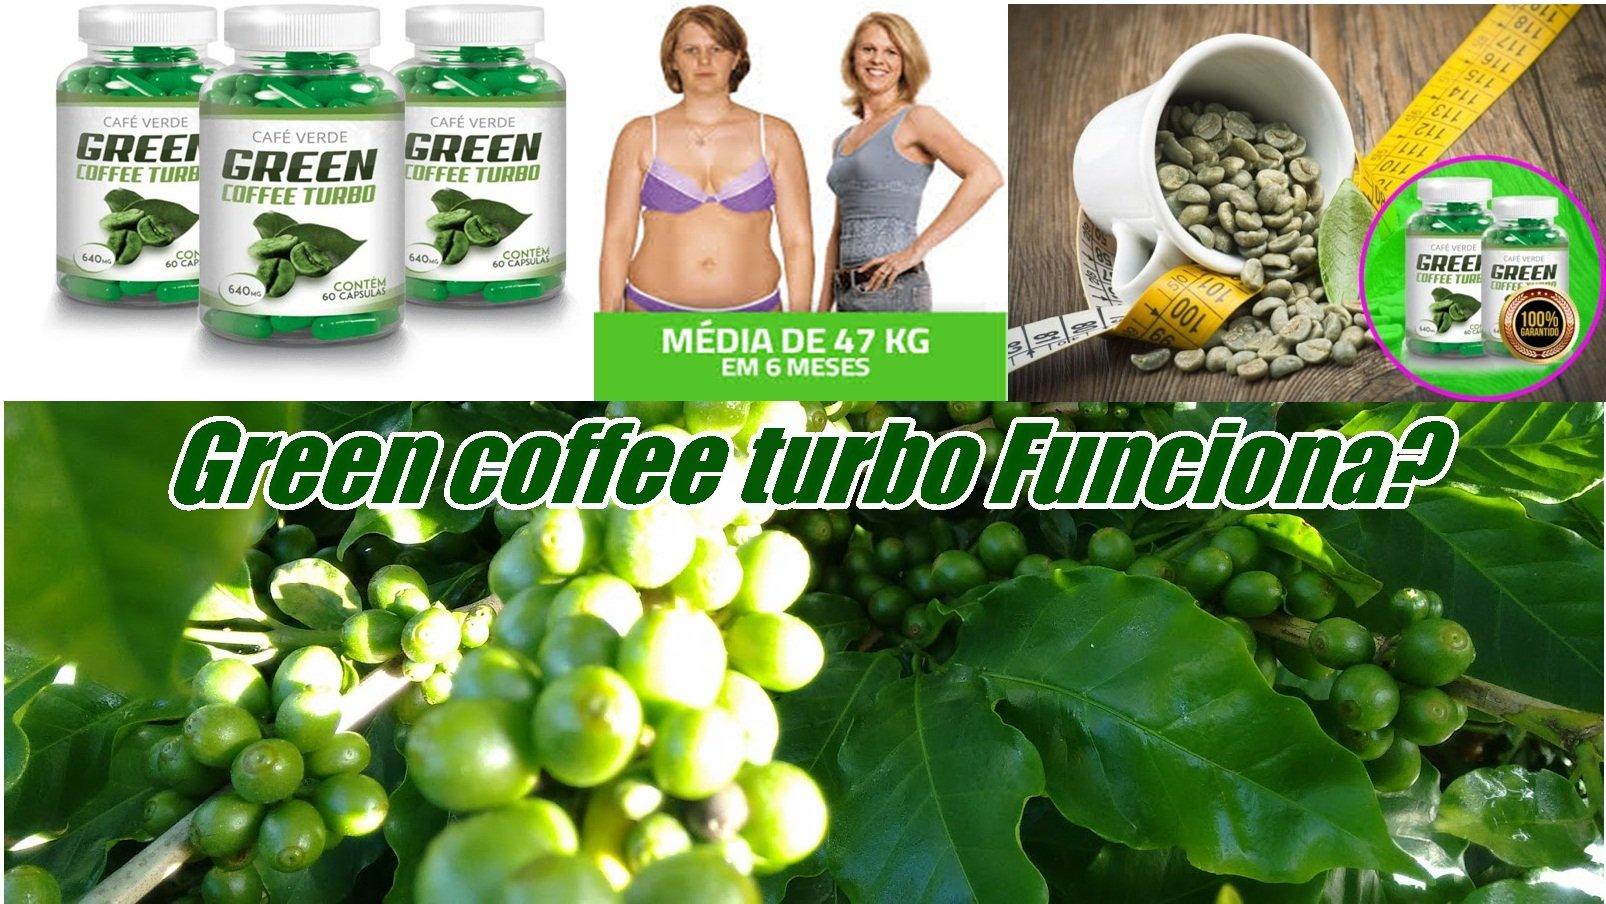 Green Coffe Turbo Funciona?